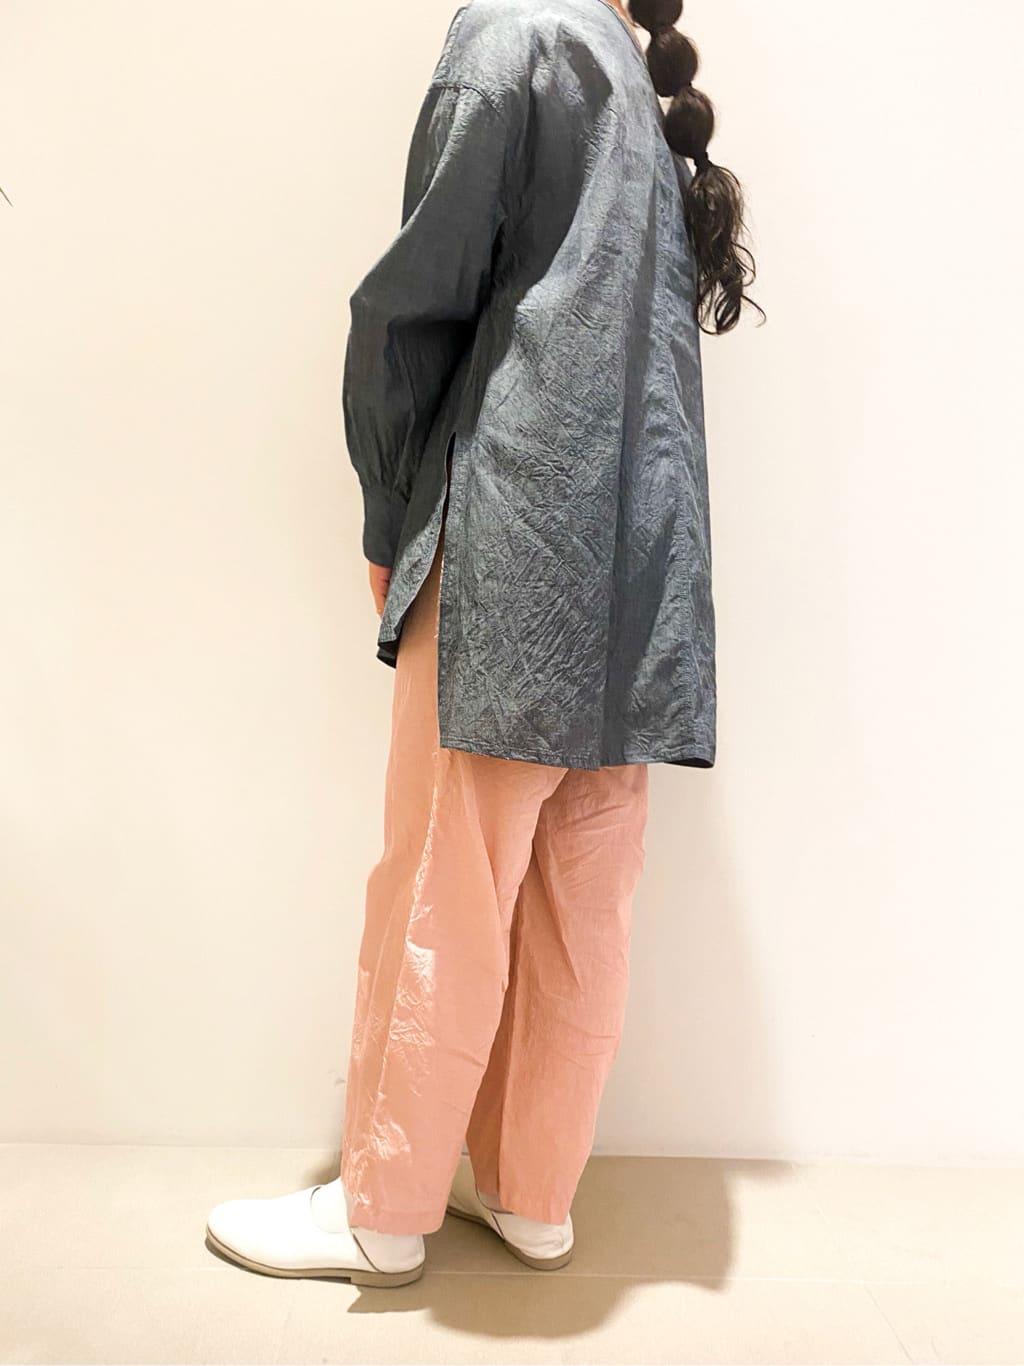 yuni 二子玉川ライズ 身長:154cm 2021.08.20